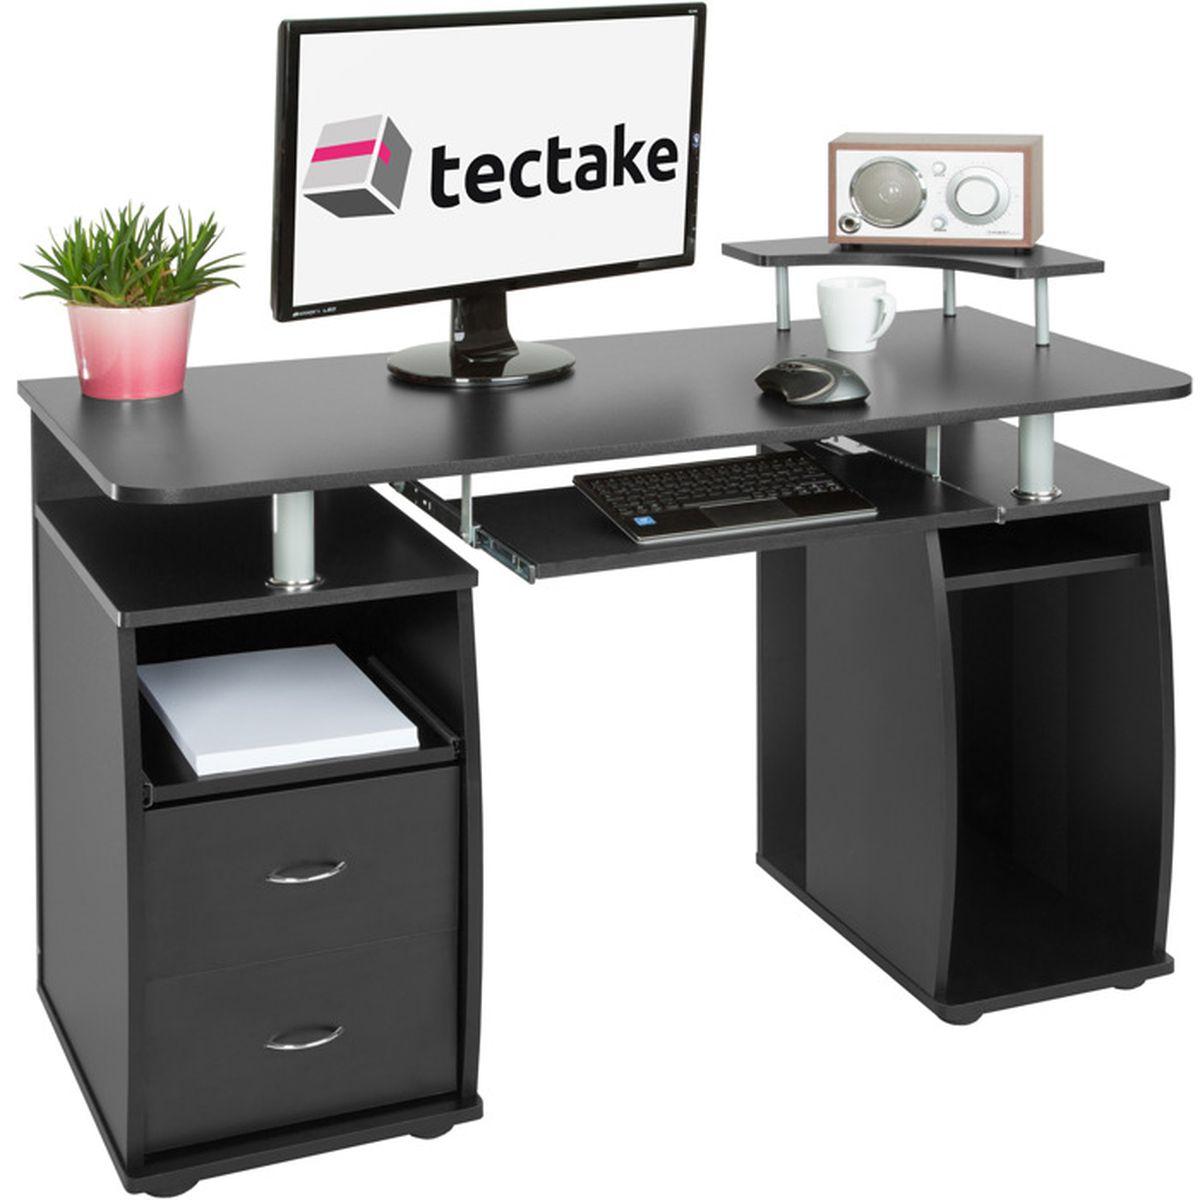 Meuble ordinateur bureau et imprimante achat vente pas cher - Meuble ordinateur ...